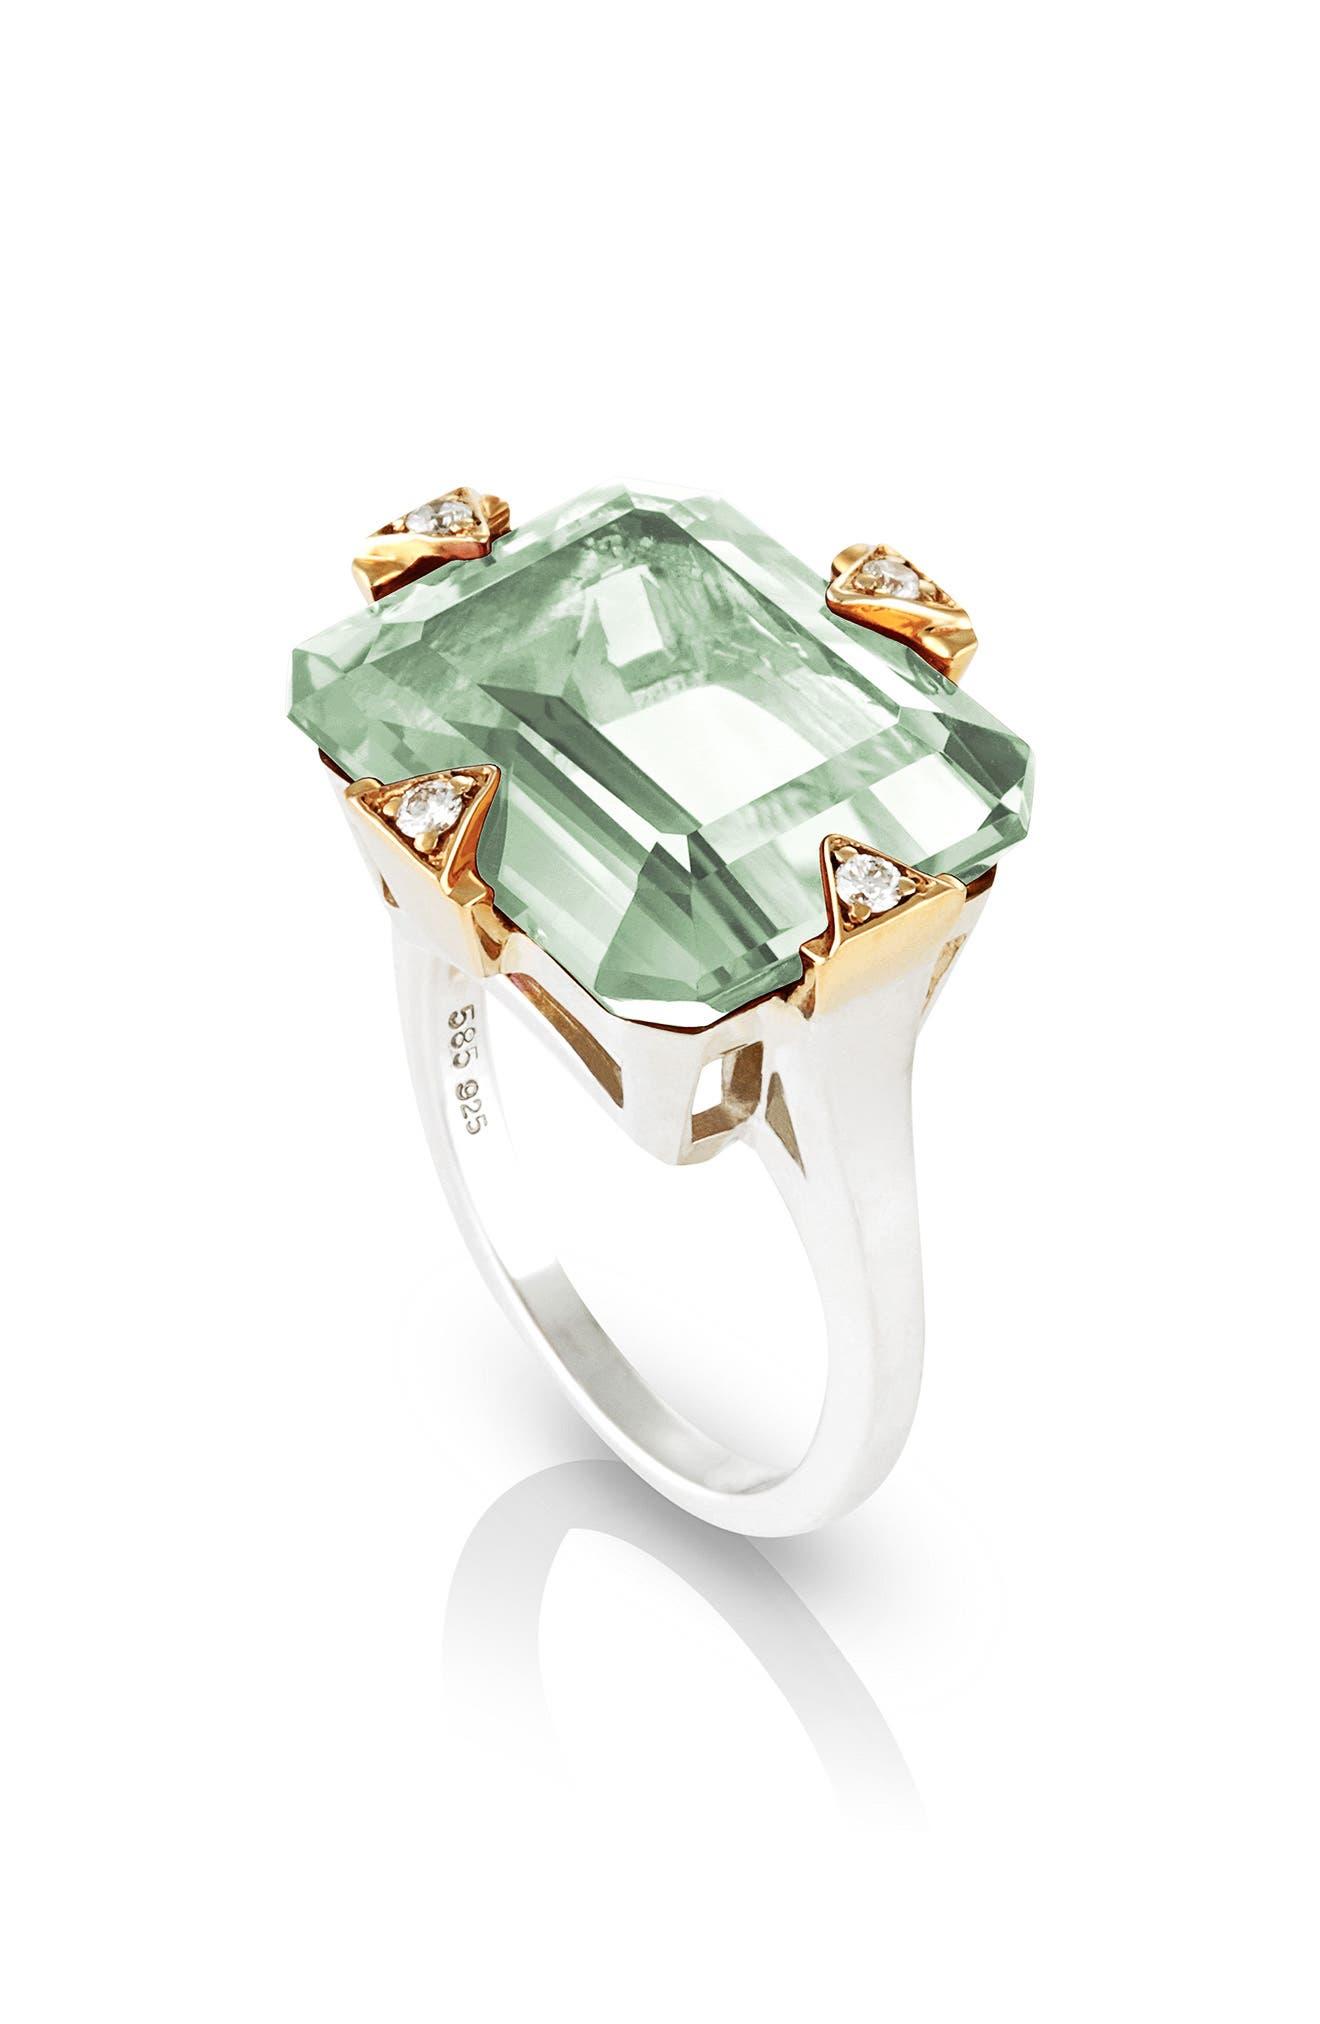 MANIAMANIA, Prasiolite Cocktail Ring with Diamonds, Main thumbnail 1, color, PRASIOLITE